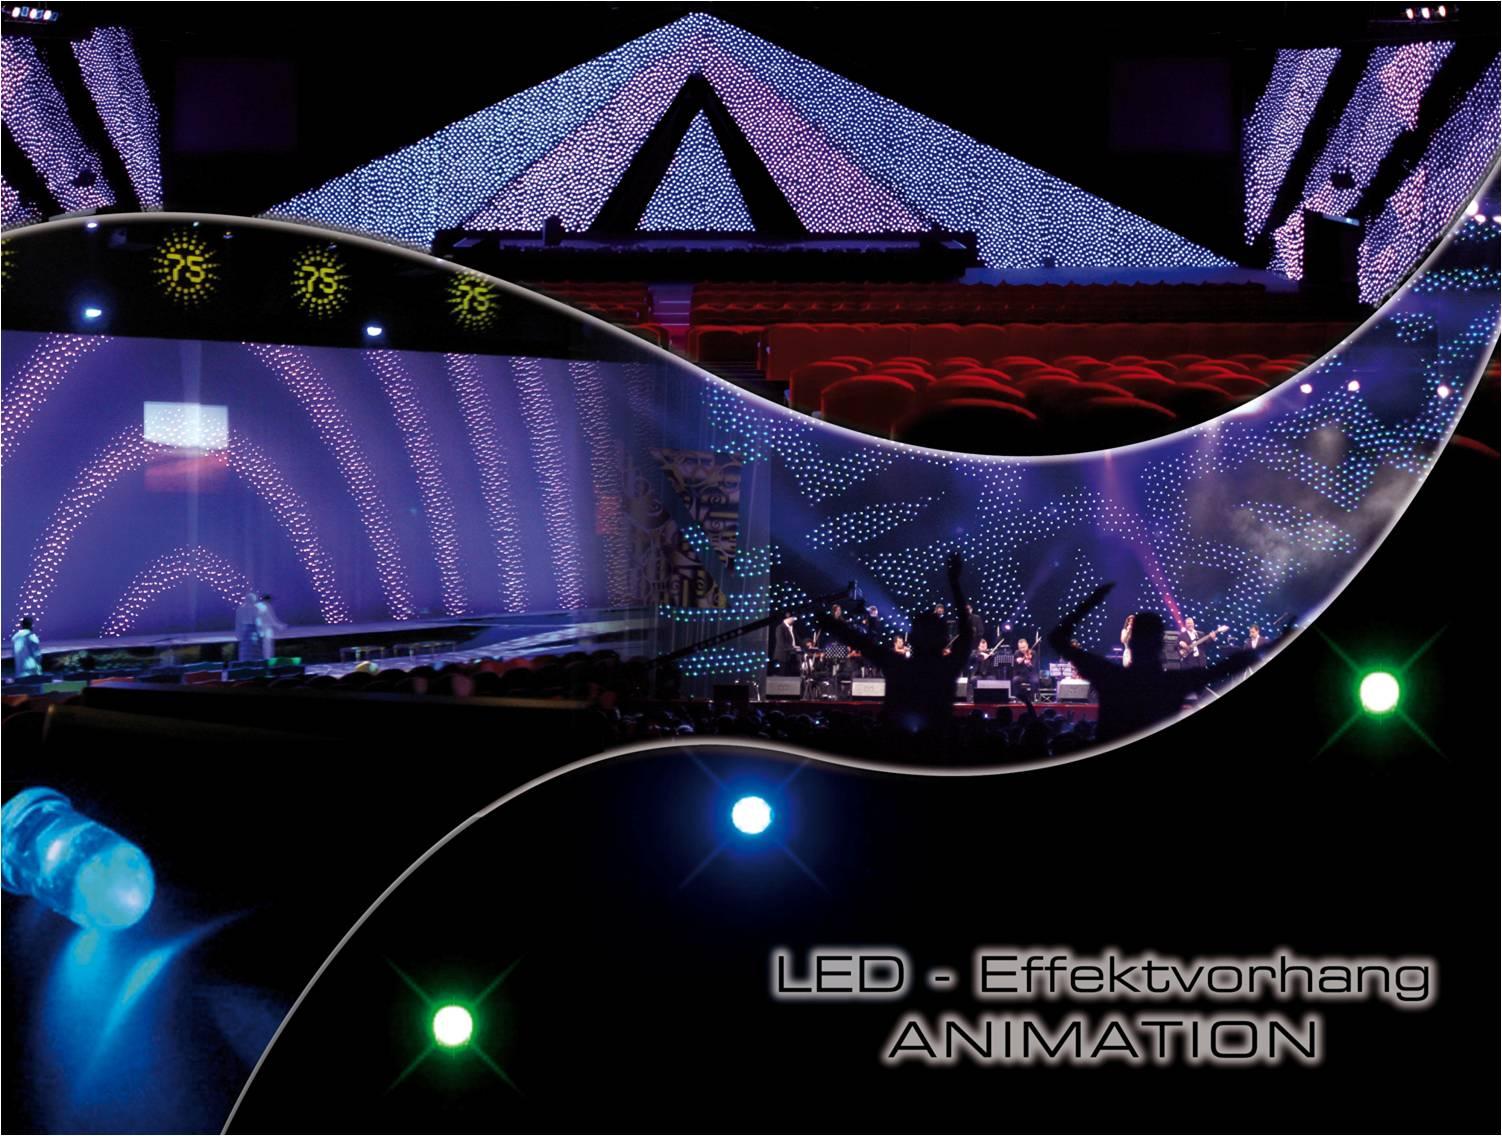 Flashanimation uvm lassen sich auf diesem Bühnenrückwand abfahren